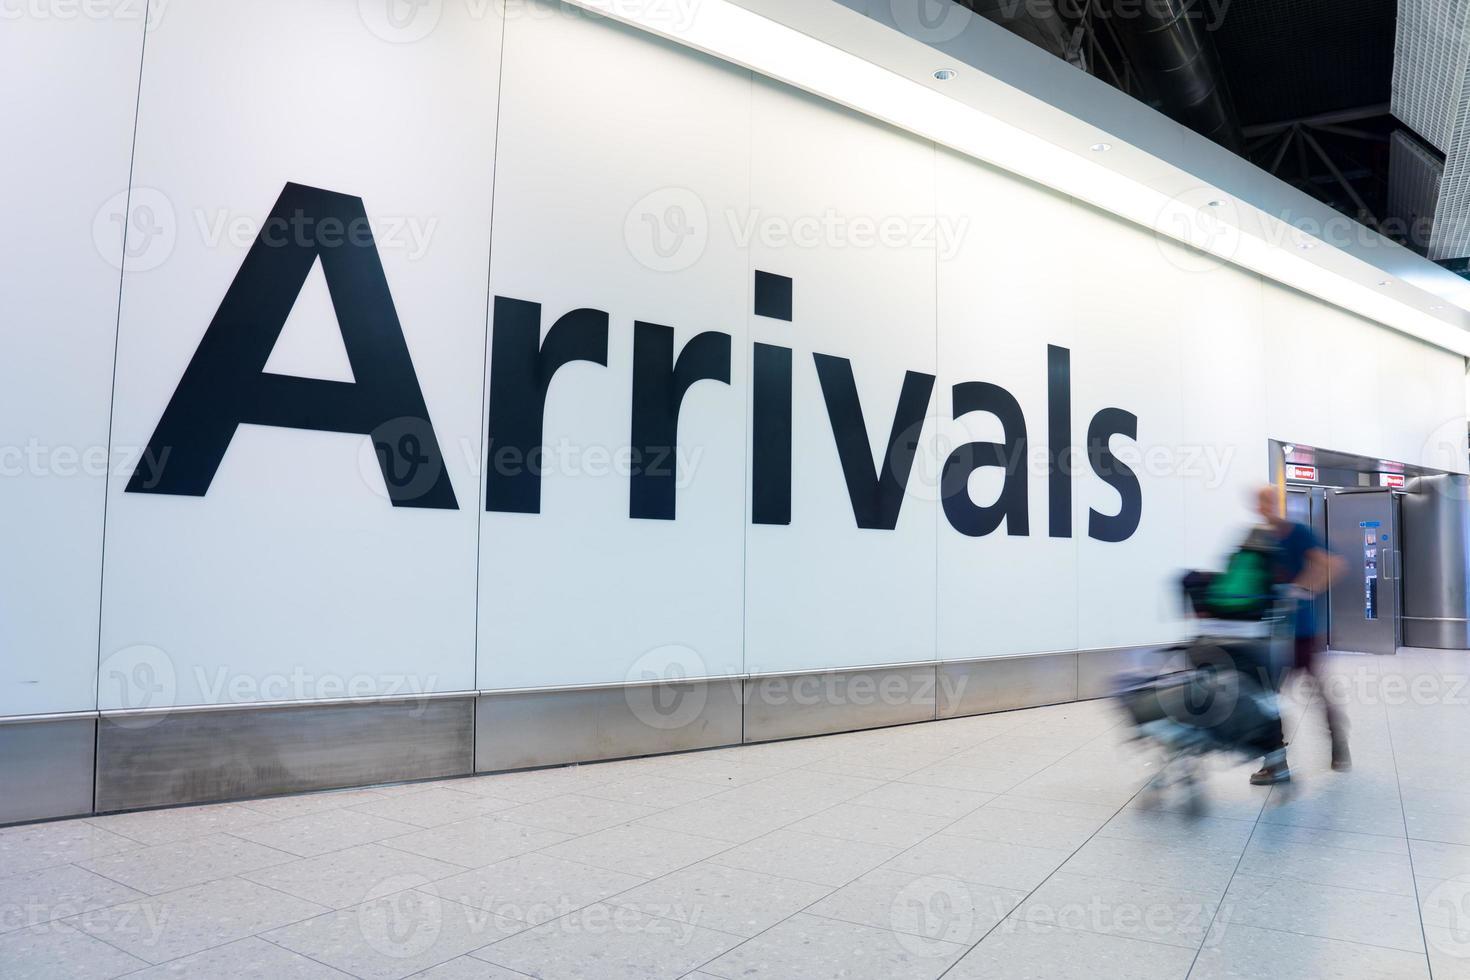 Unschärfe Bewegung Menschen Ankünfte Hauptverkehrszeit Heathrow Flughafen, London, Großbritannien foto